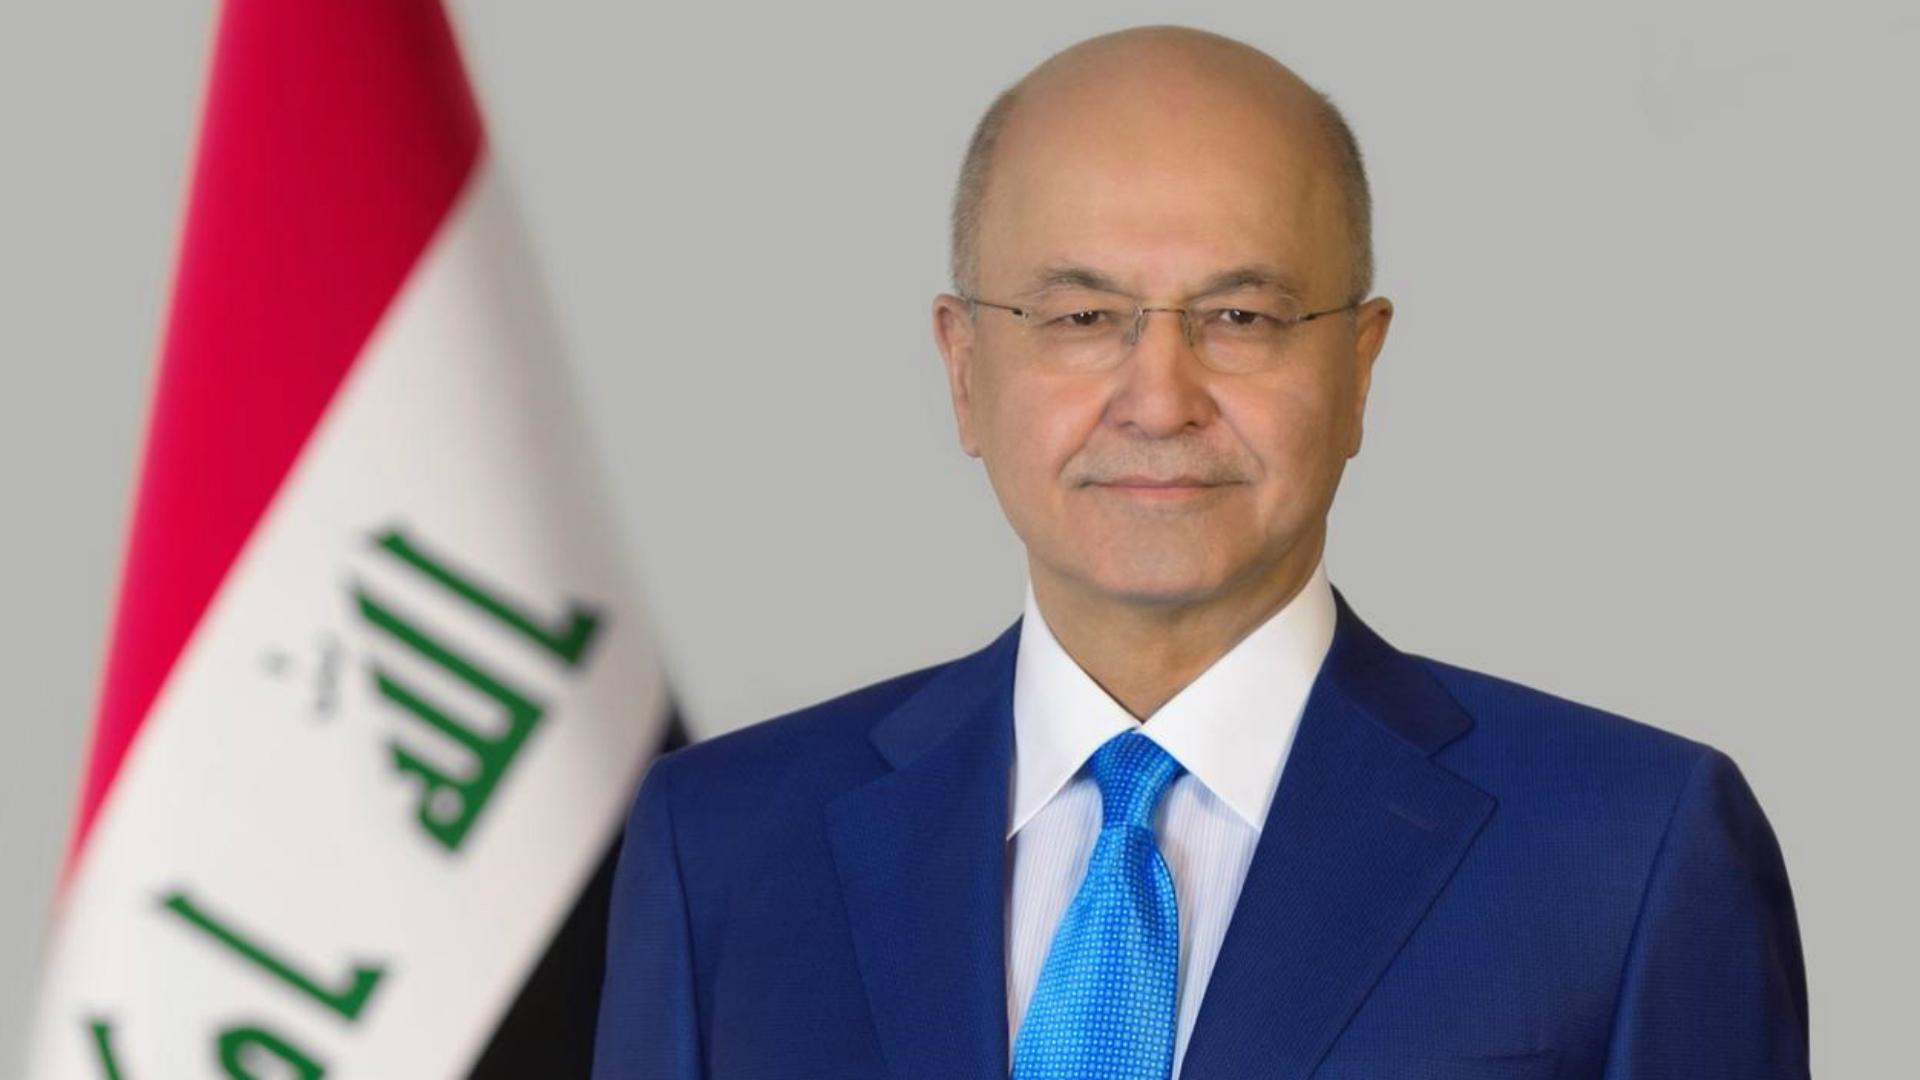 رئيس الجمهورية يهنئ الصحفيين بيوم حرية الصحافة العالمي